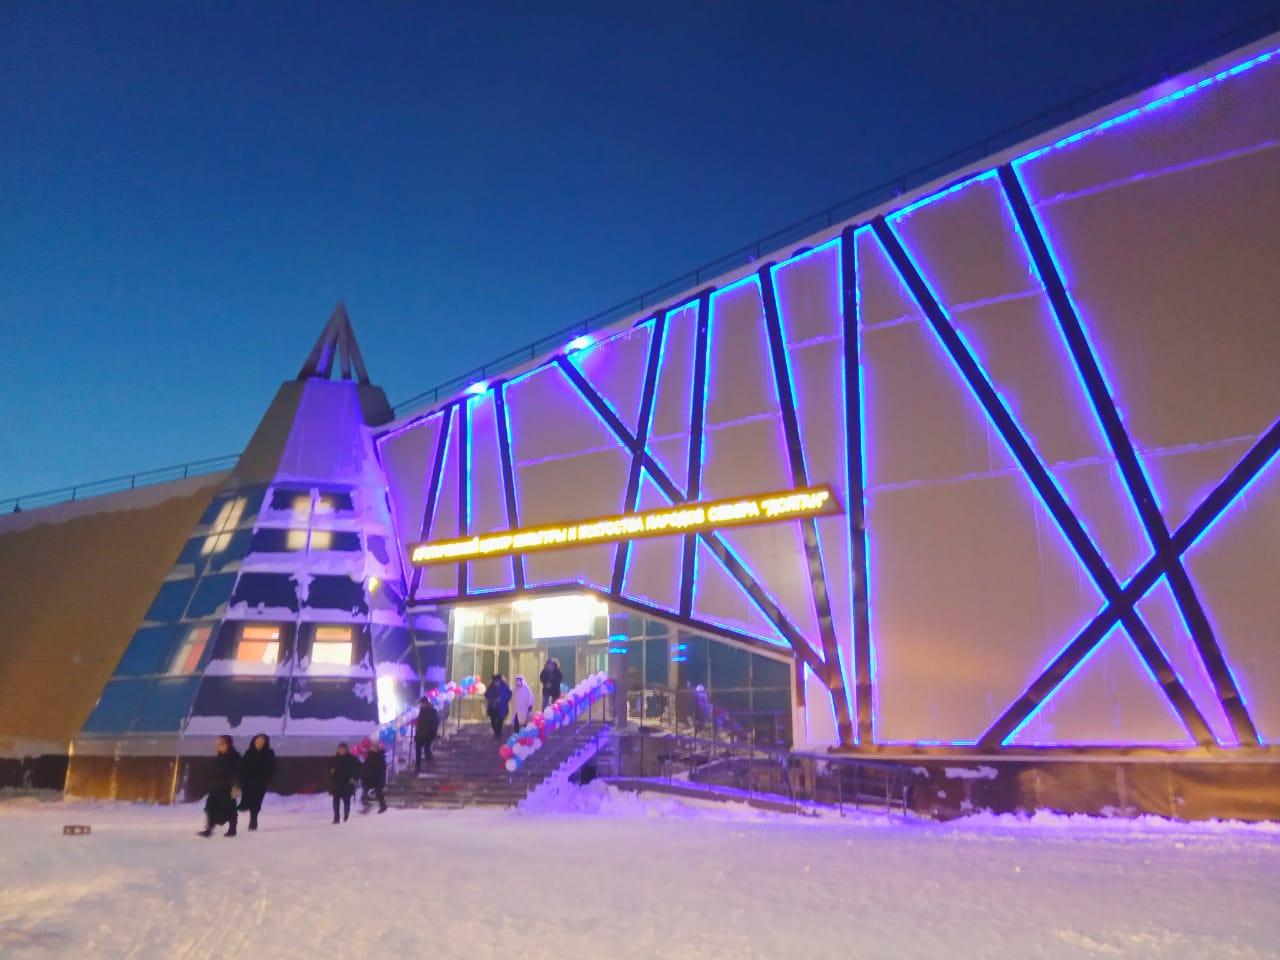 В Анабарском улусе открыли Арктический центр культуры и искусств народов Севера (ВИДЕО)